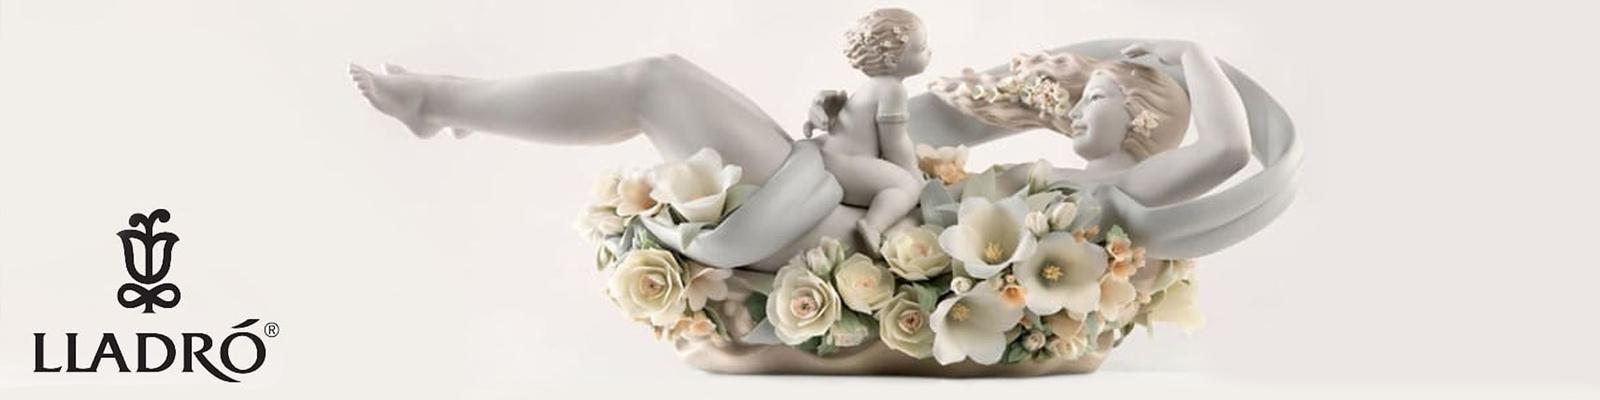 lladro maternita statue